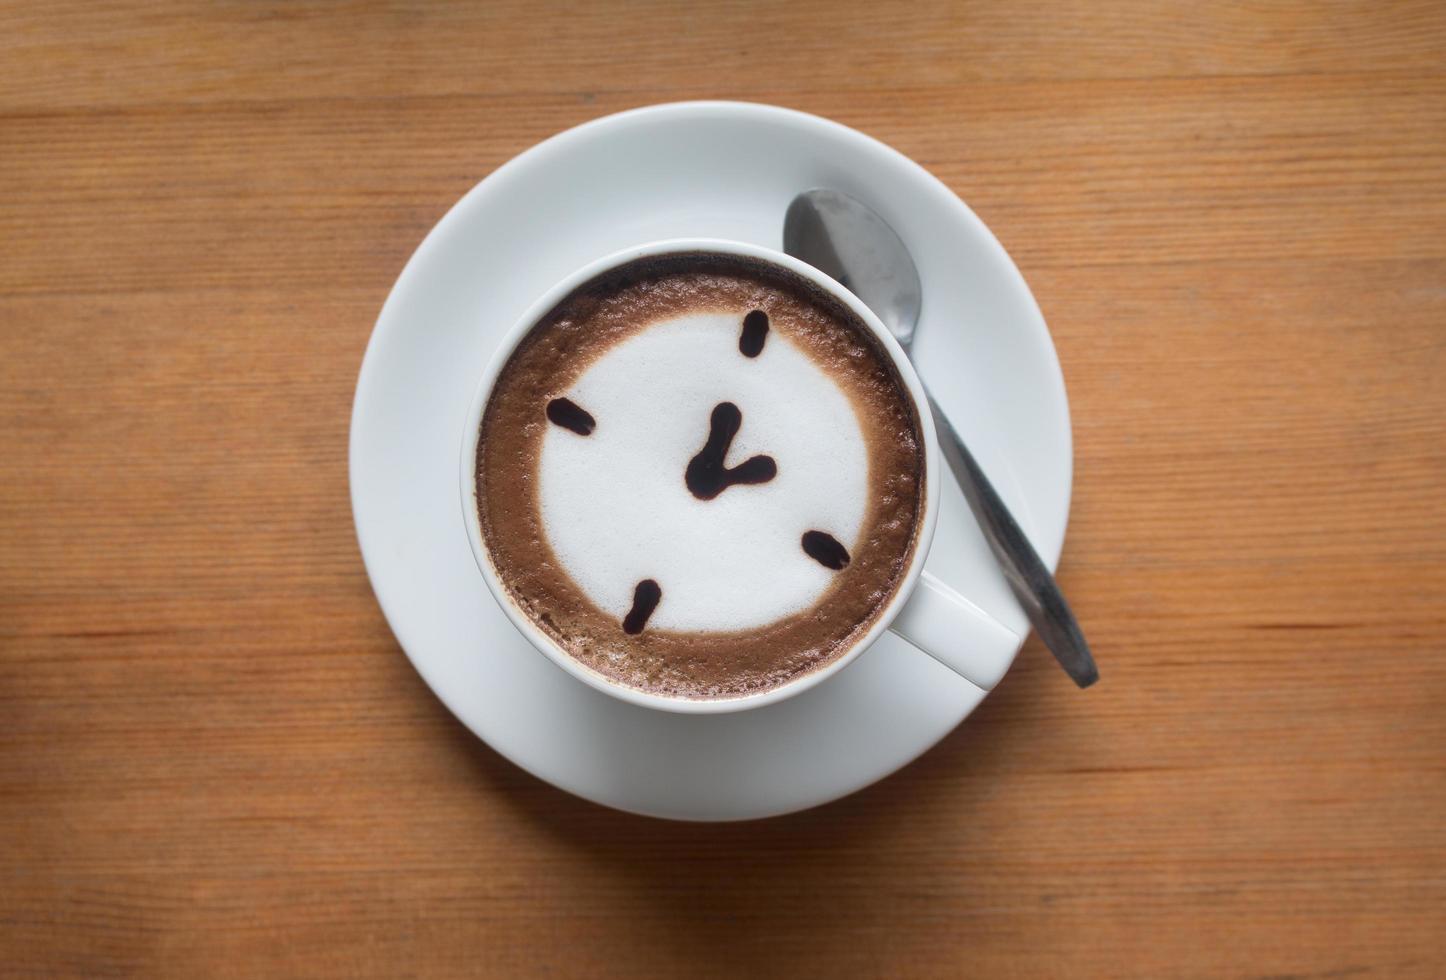 una taza de café con leche caliente foto